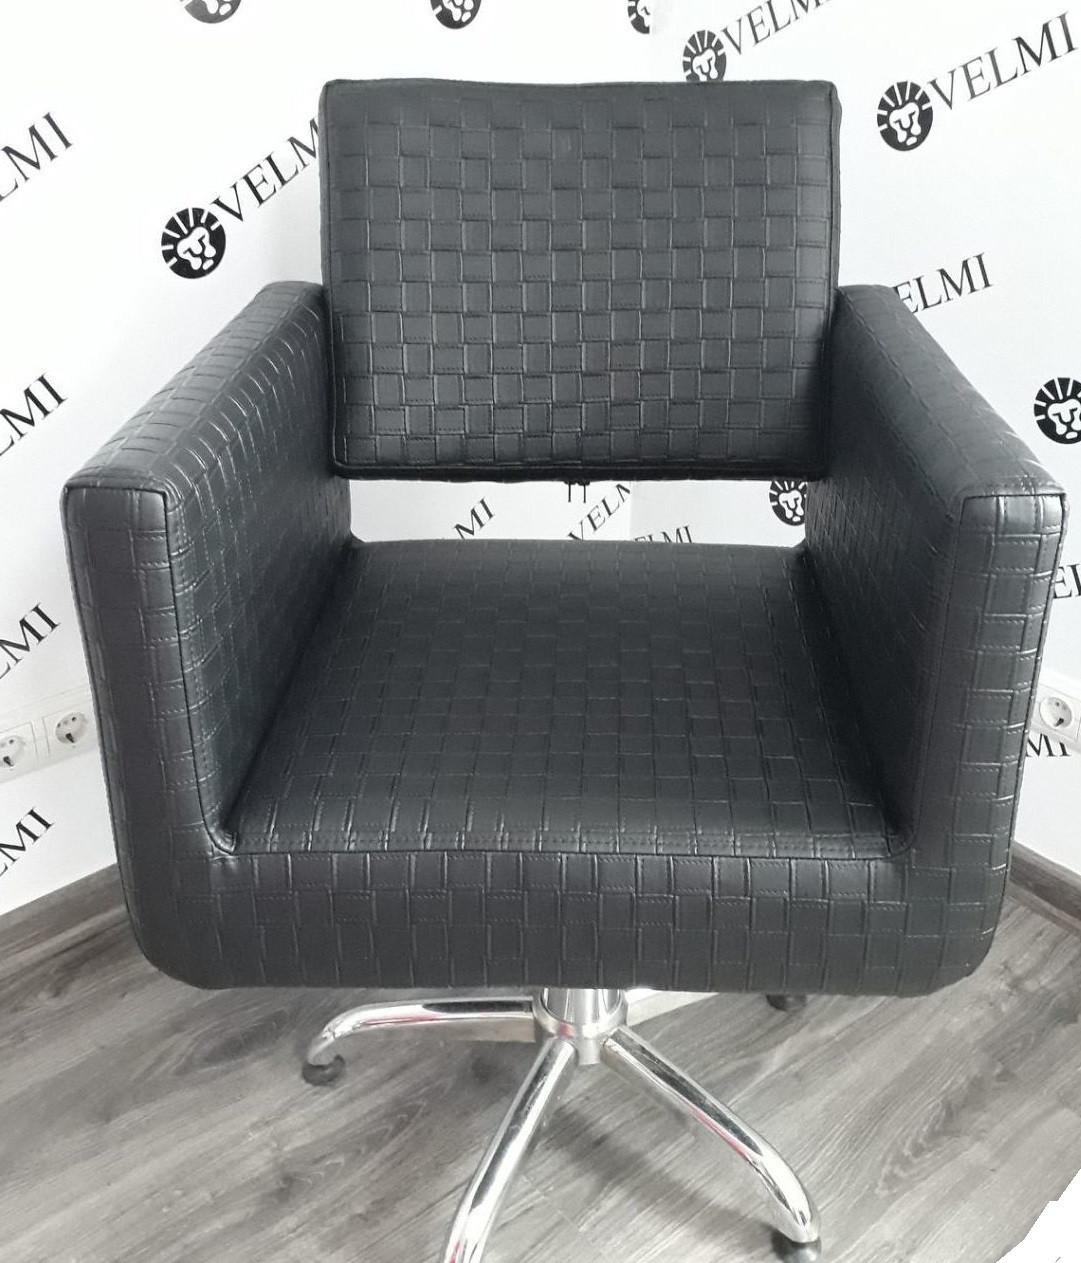 Кресло парикмахерское для клиентов салона красоты Gwen